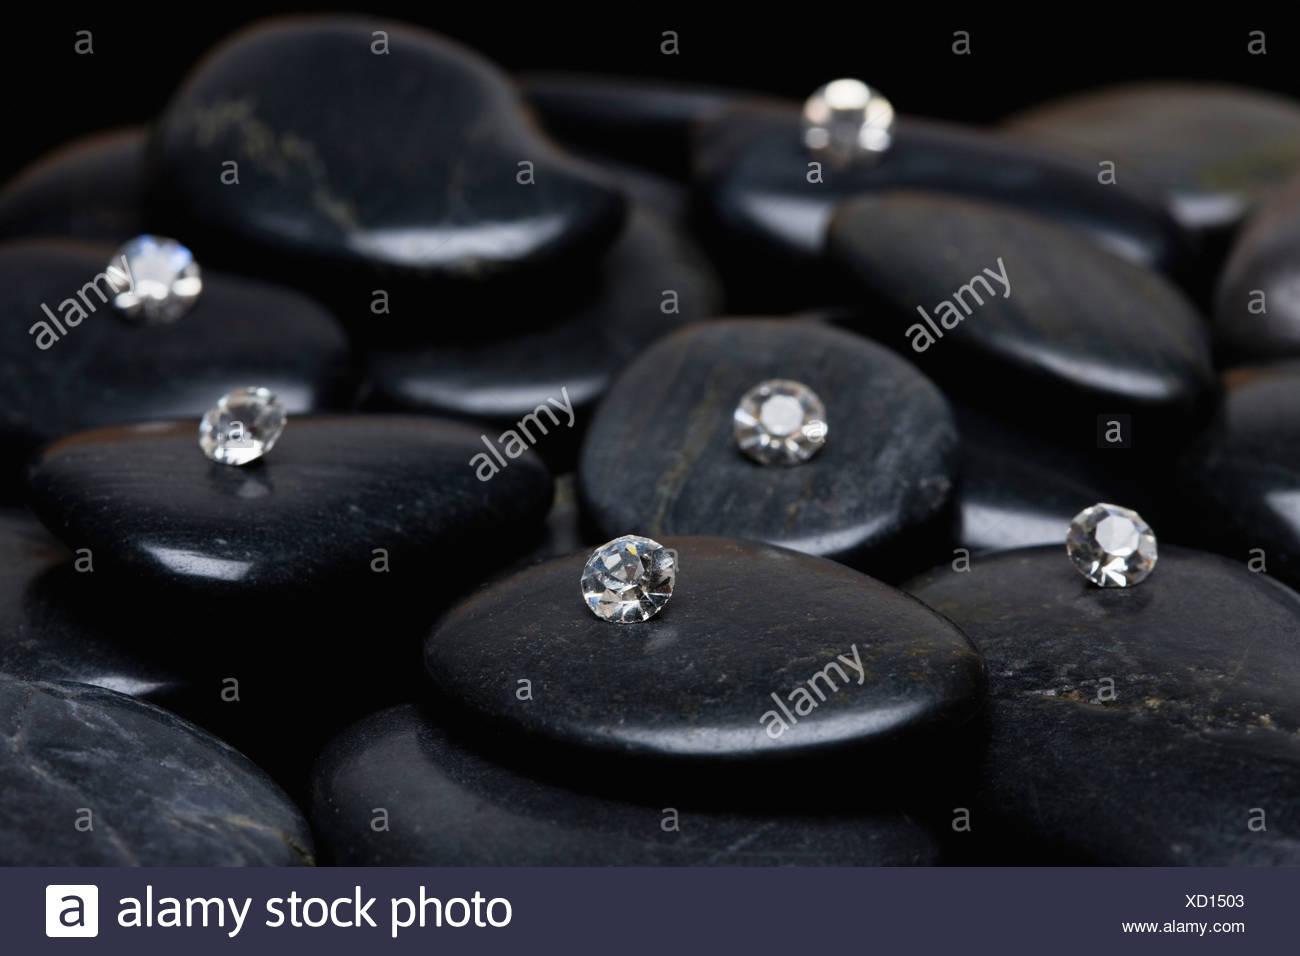 USA, Illinois, Metamora, Diamonds on gem stones - Stock Image